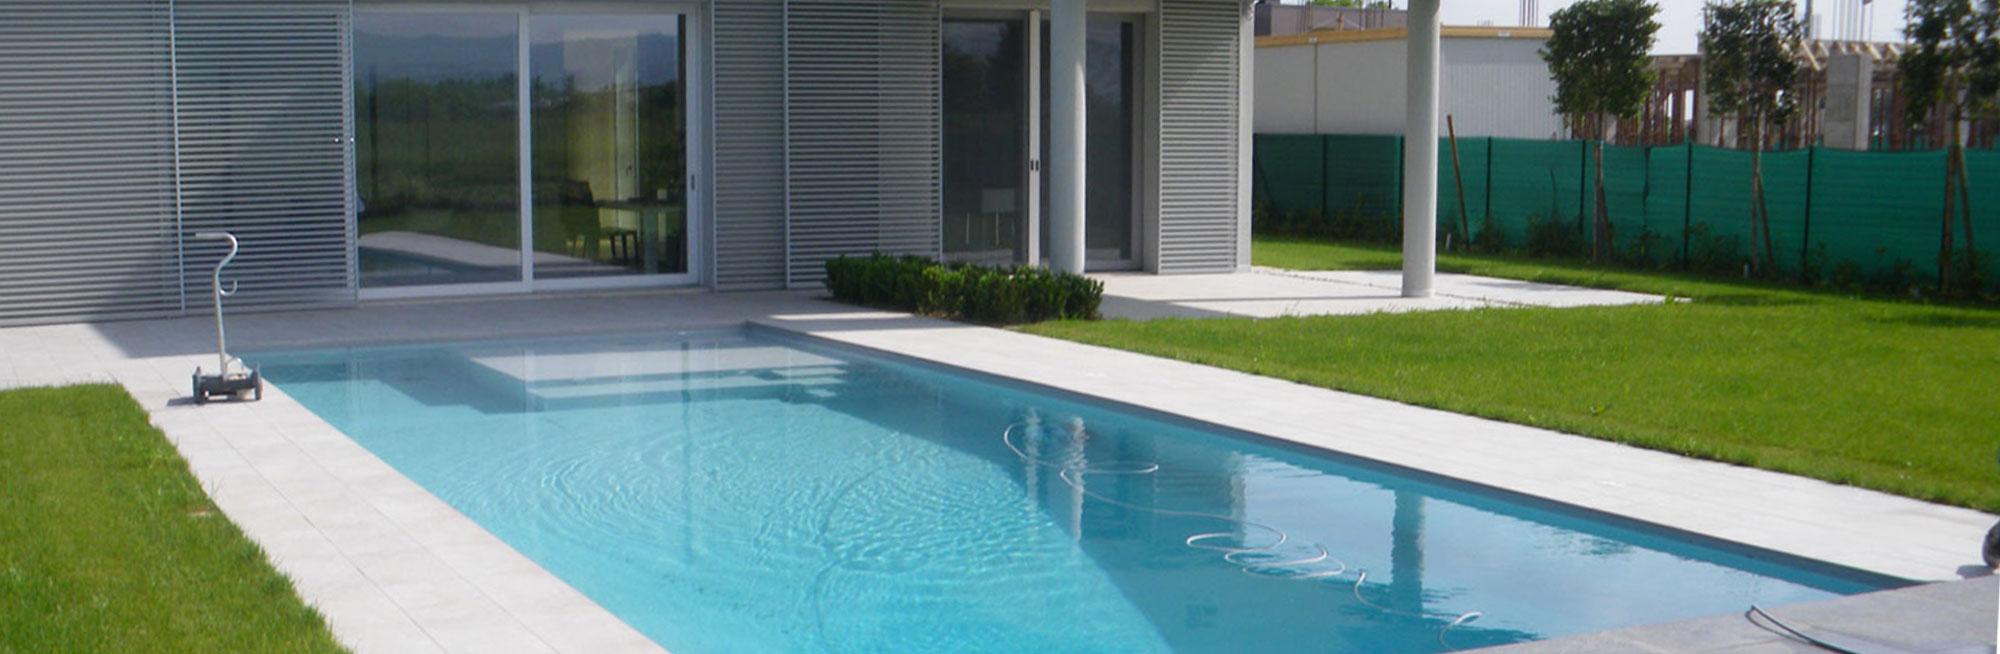 Foto Di Piscine Private costruzione realizzazione piscine private su misura reggio